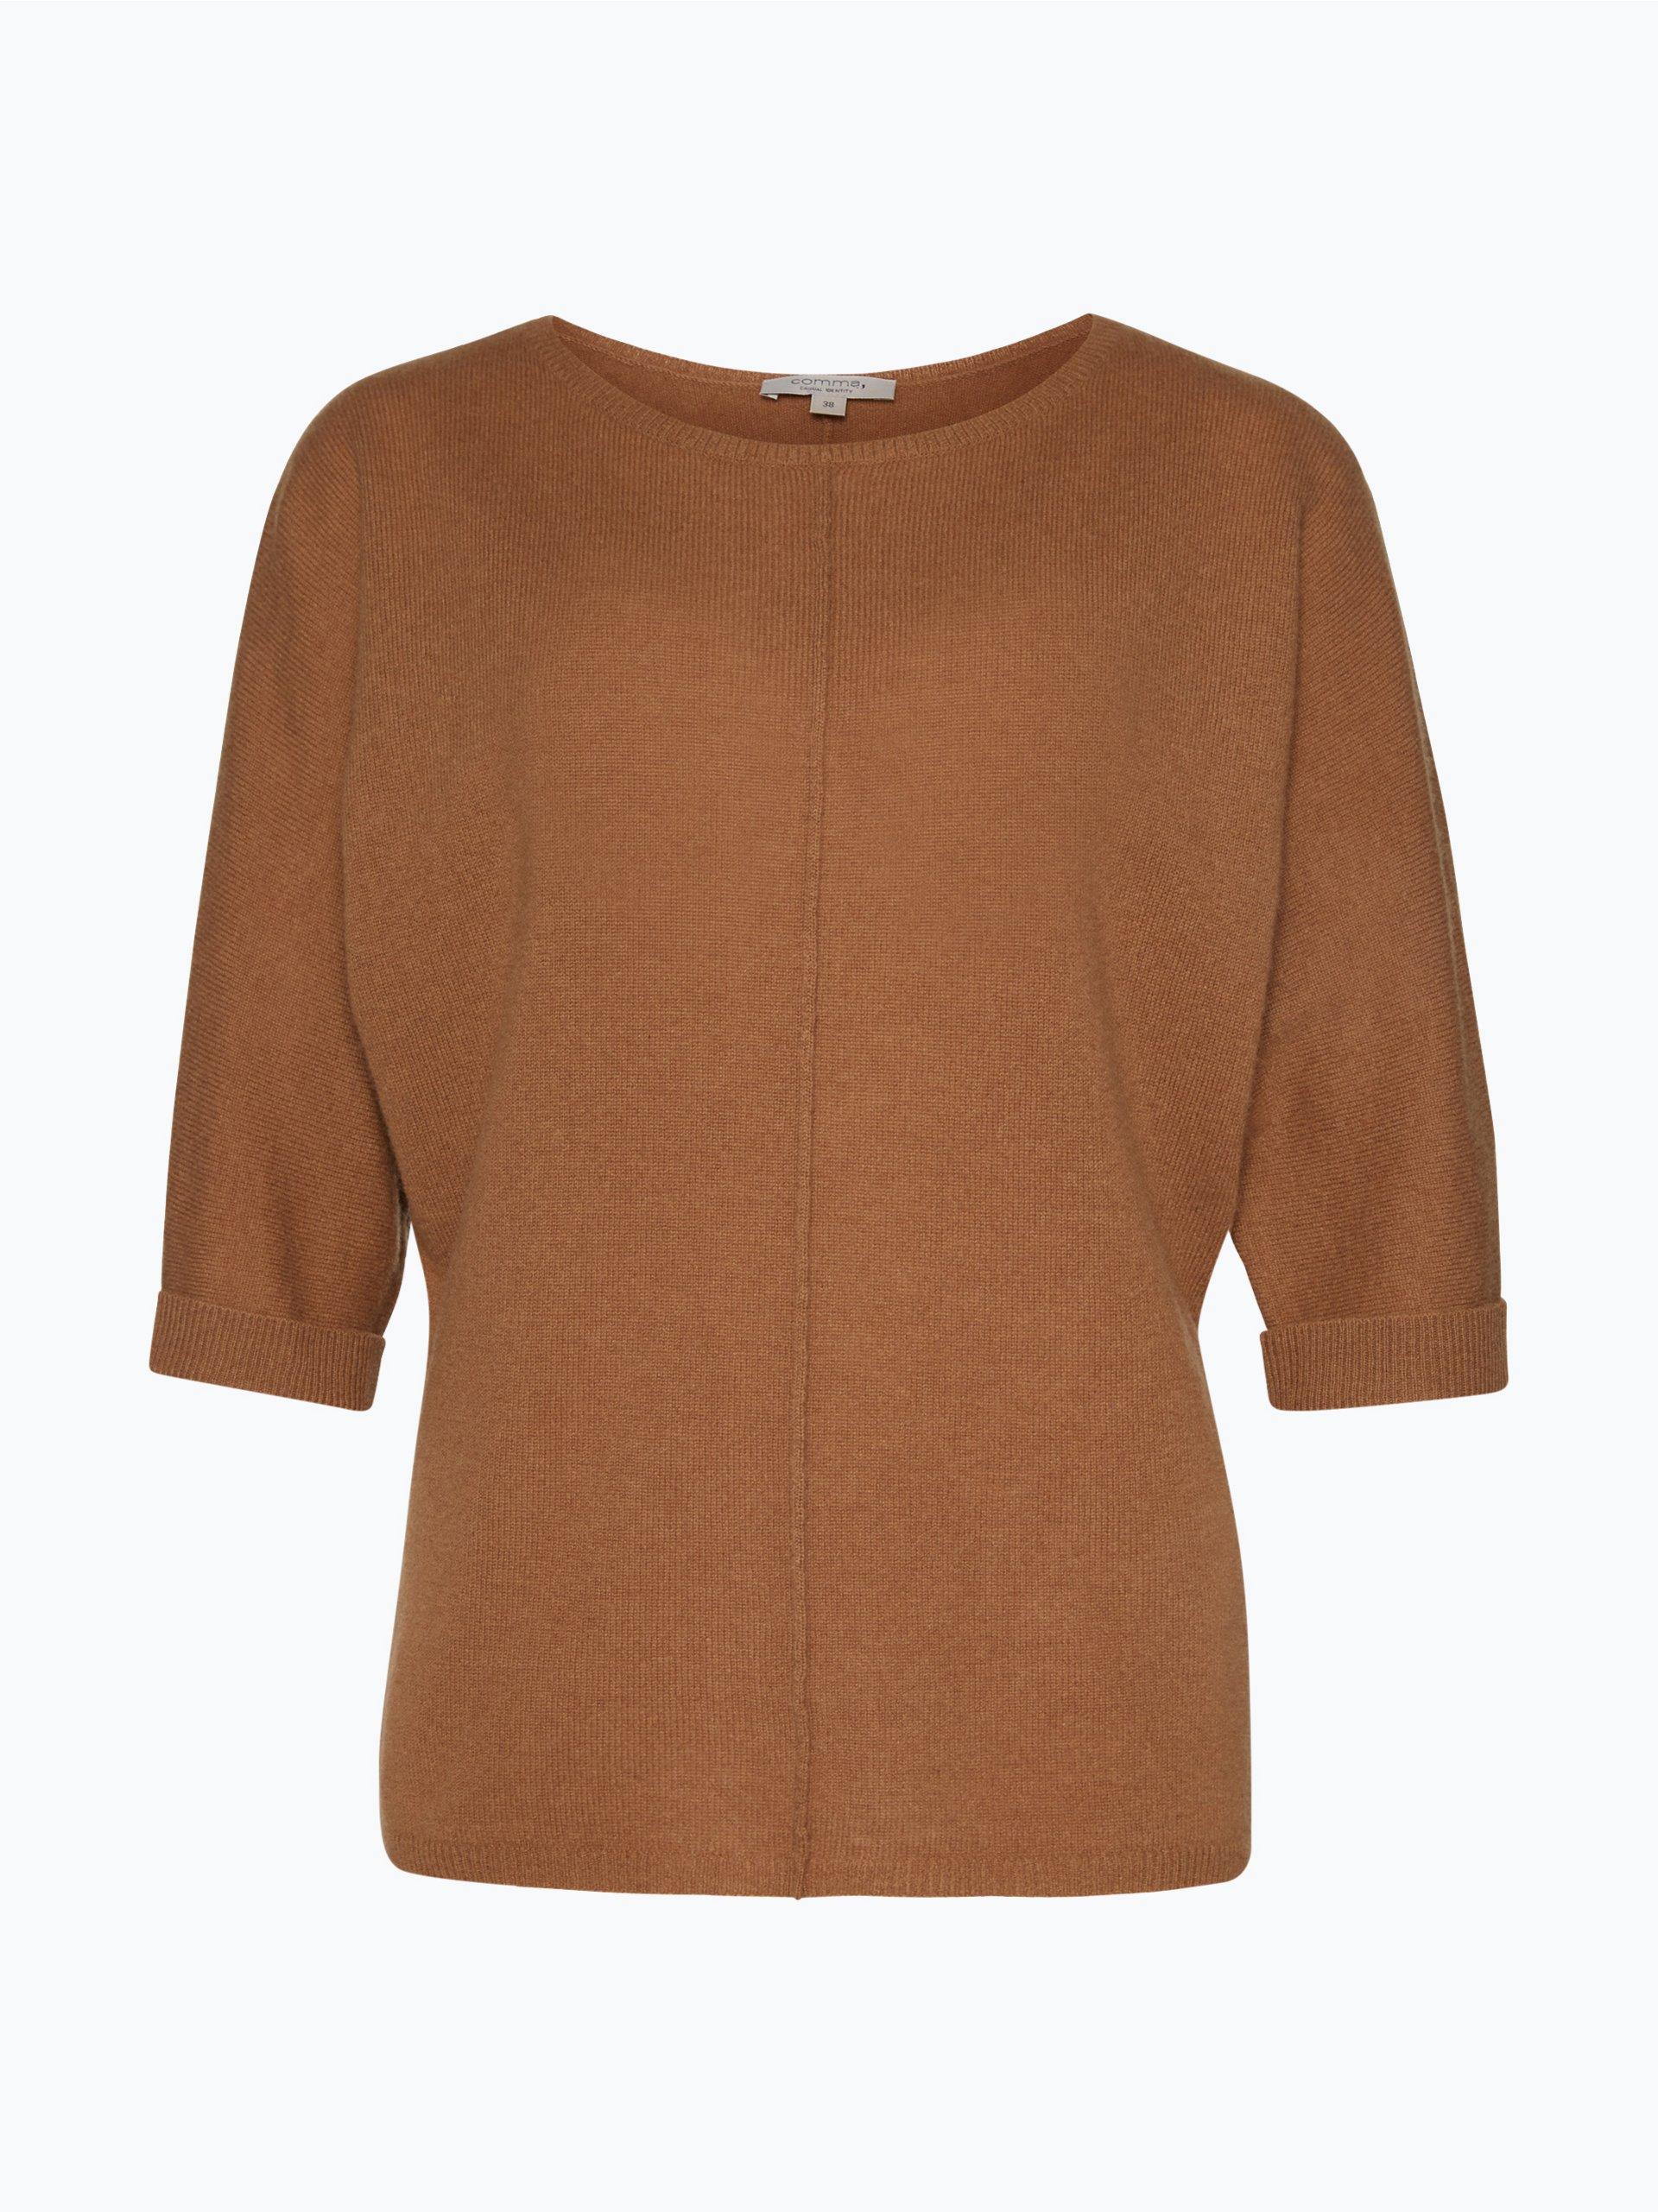 comma casual identity damen pullover mit cashmere anteil 2 online kaufen peek und cloppenburg de. Black Bedroom Furniture Sets. Home Design Ideas